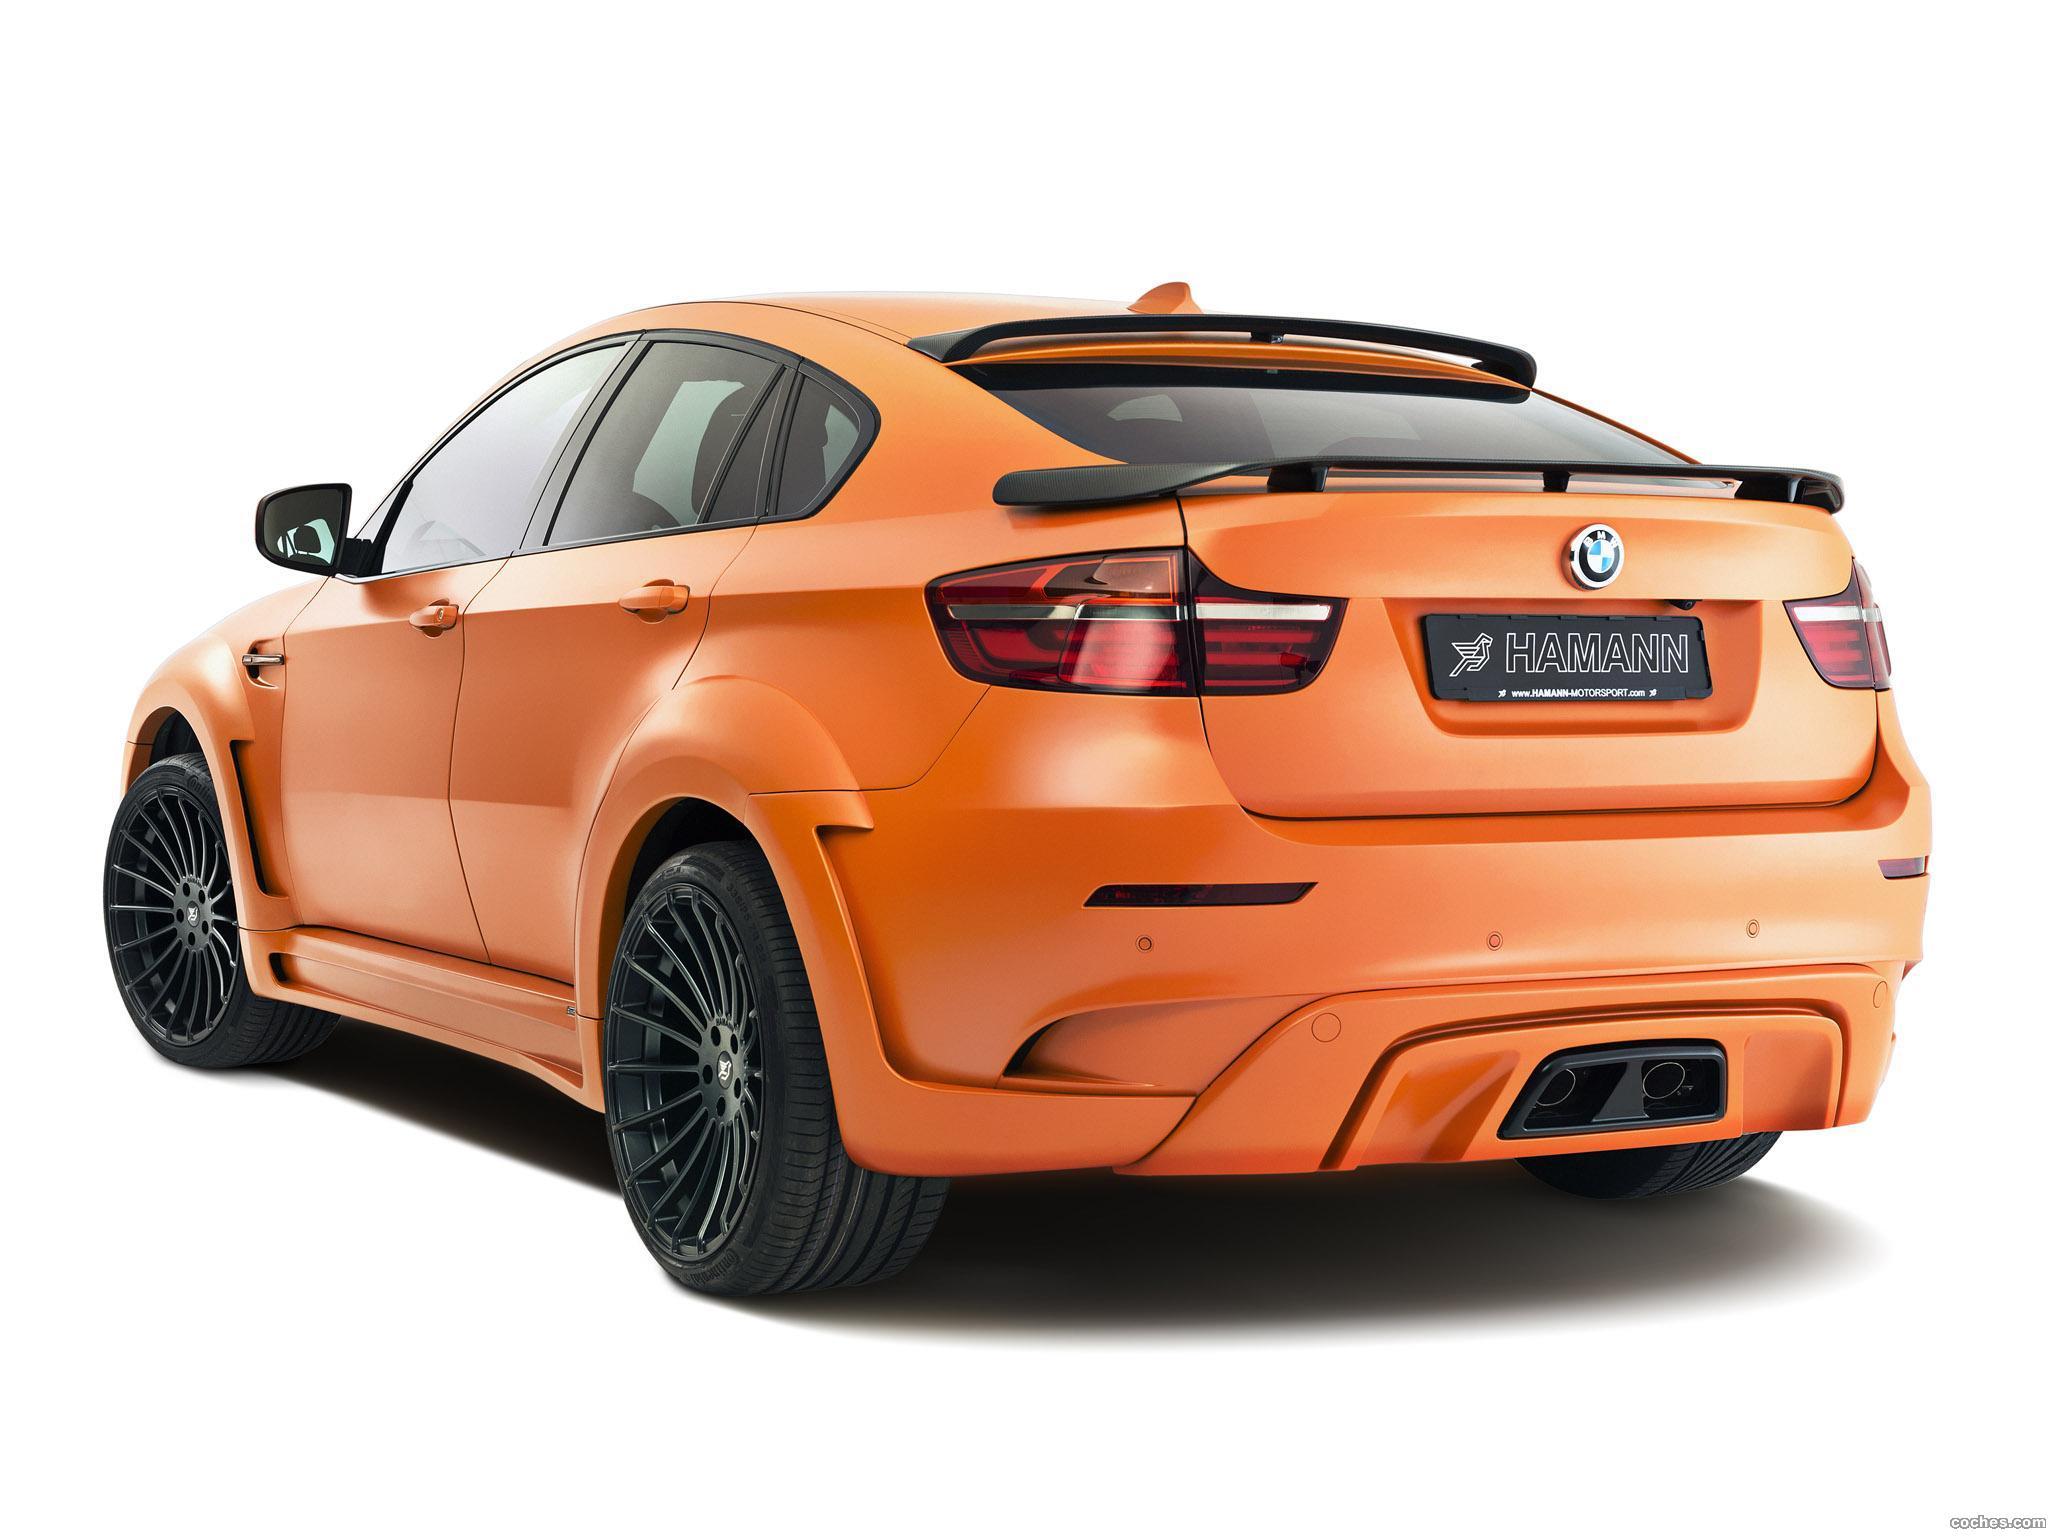 Foto 2 de Hamann BMW X6 M Tycoon II 2013